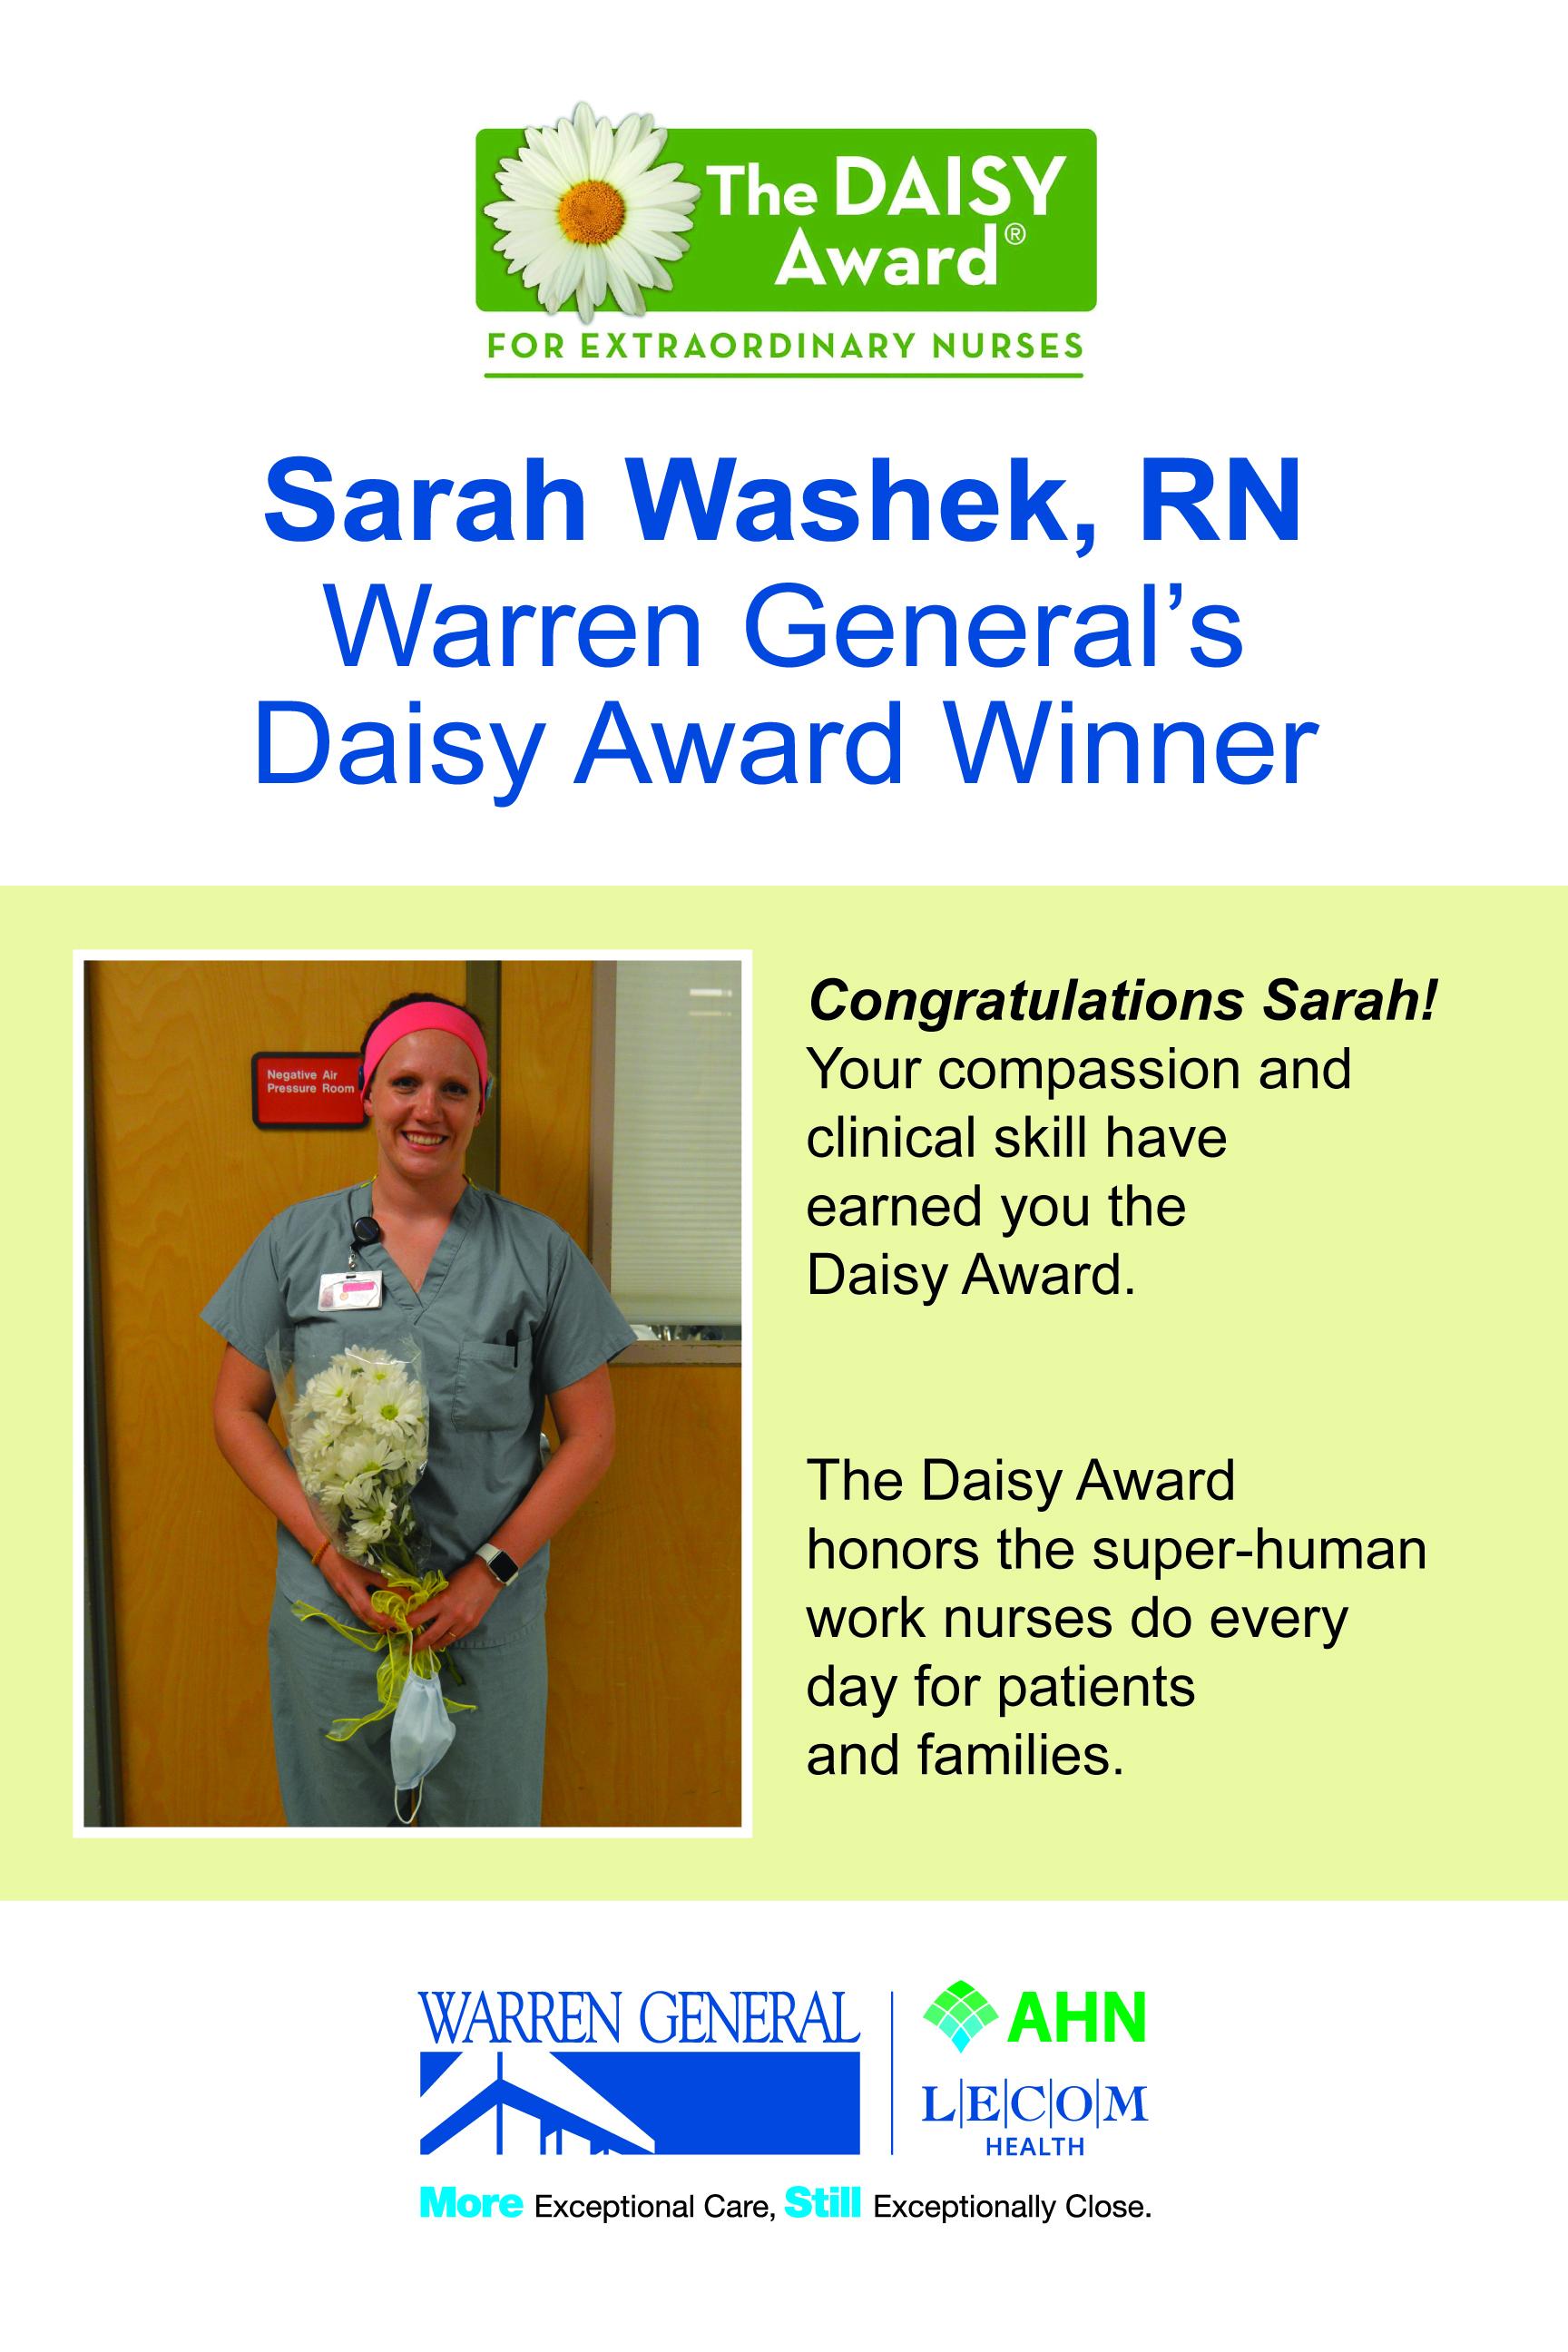 Sarah Washek RN WGH Newest Daisy Award Winner